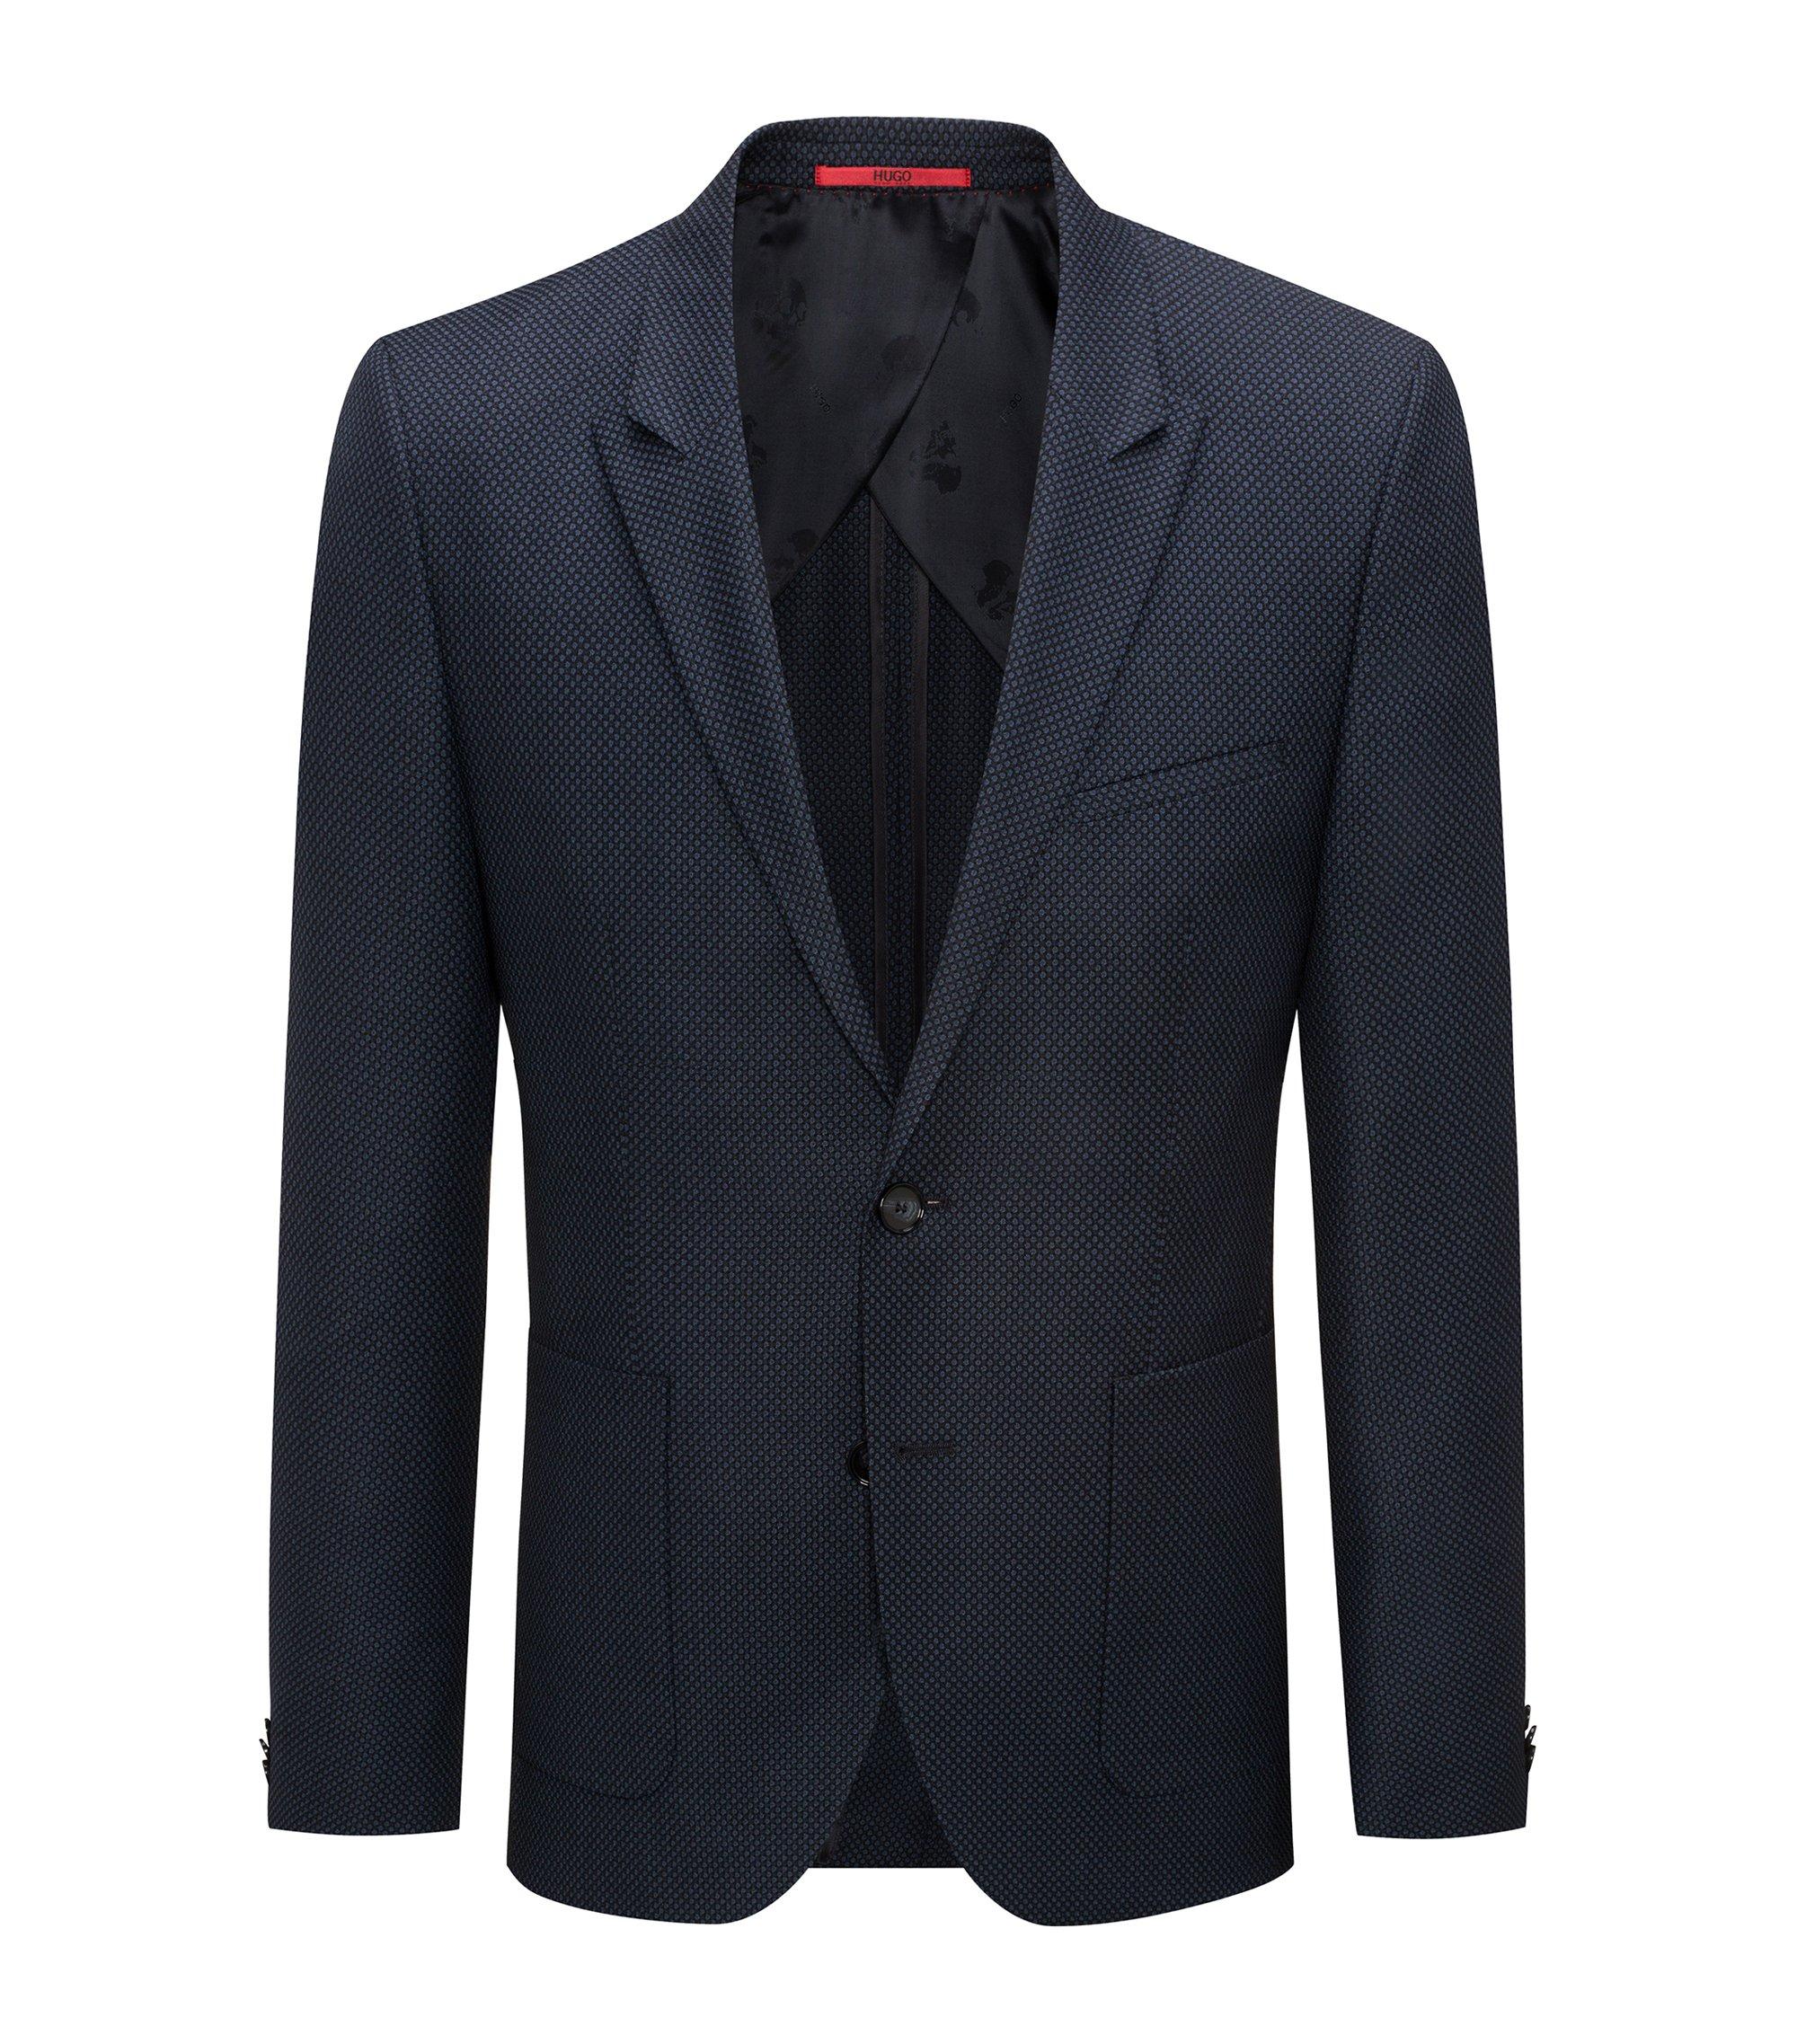 Giacca extra slim fit in lana vergine con motivo a occhio di pernice oversize, Blu scuro